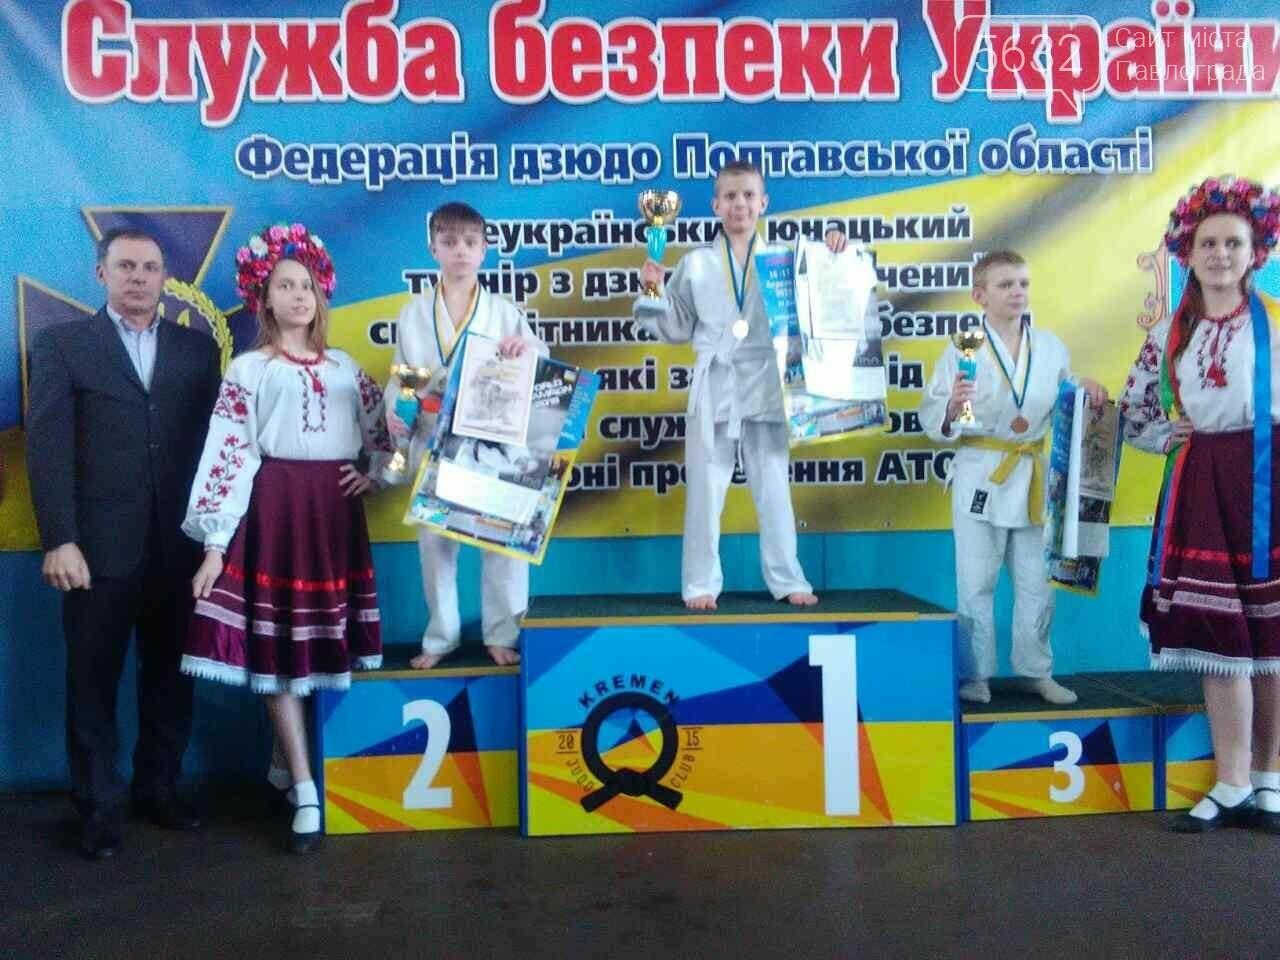 Тернівчани завоювали медалі на всеукраїнському турнірі з дзюдо, фото-1